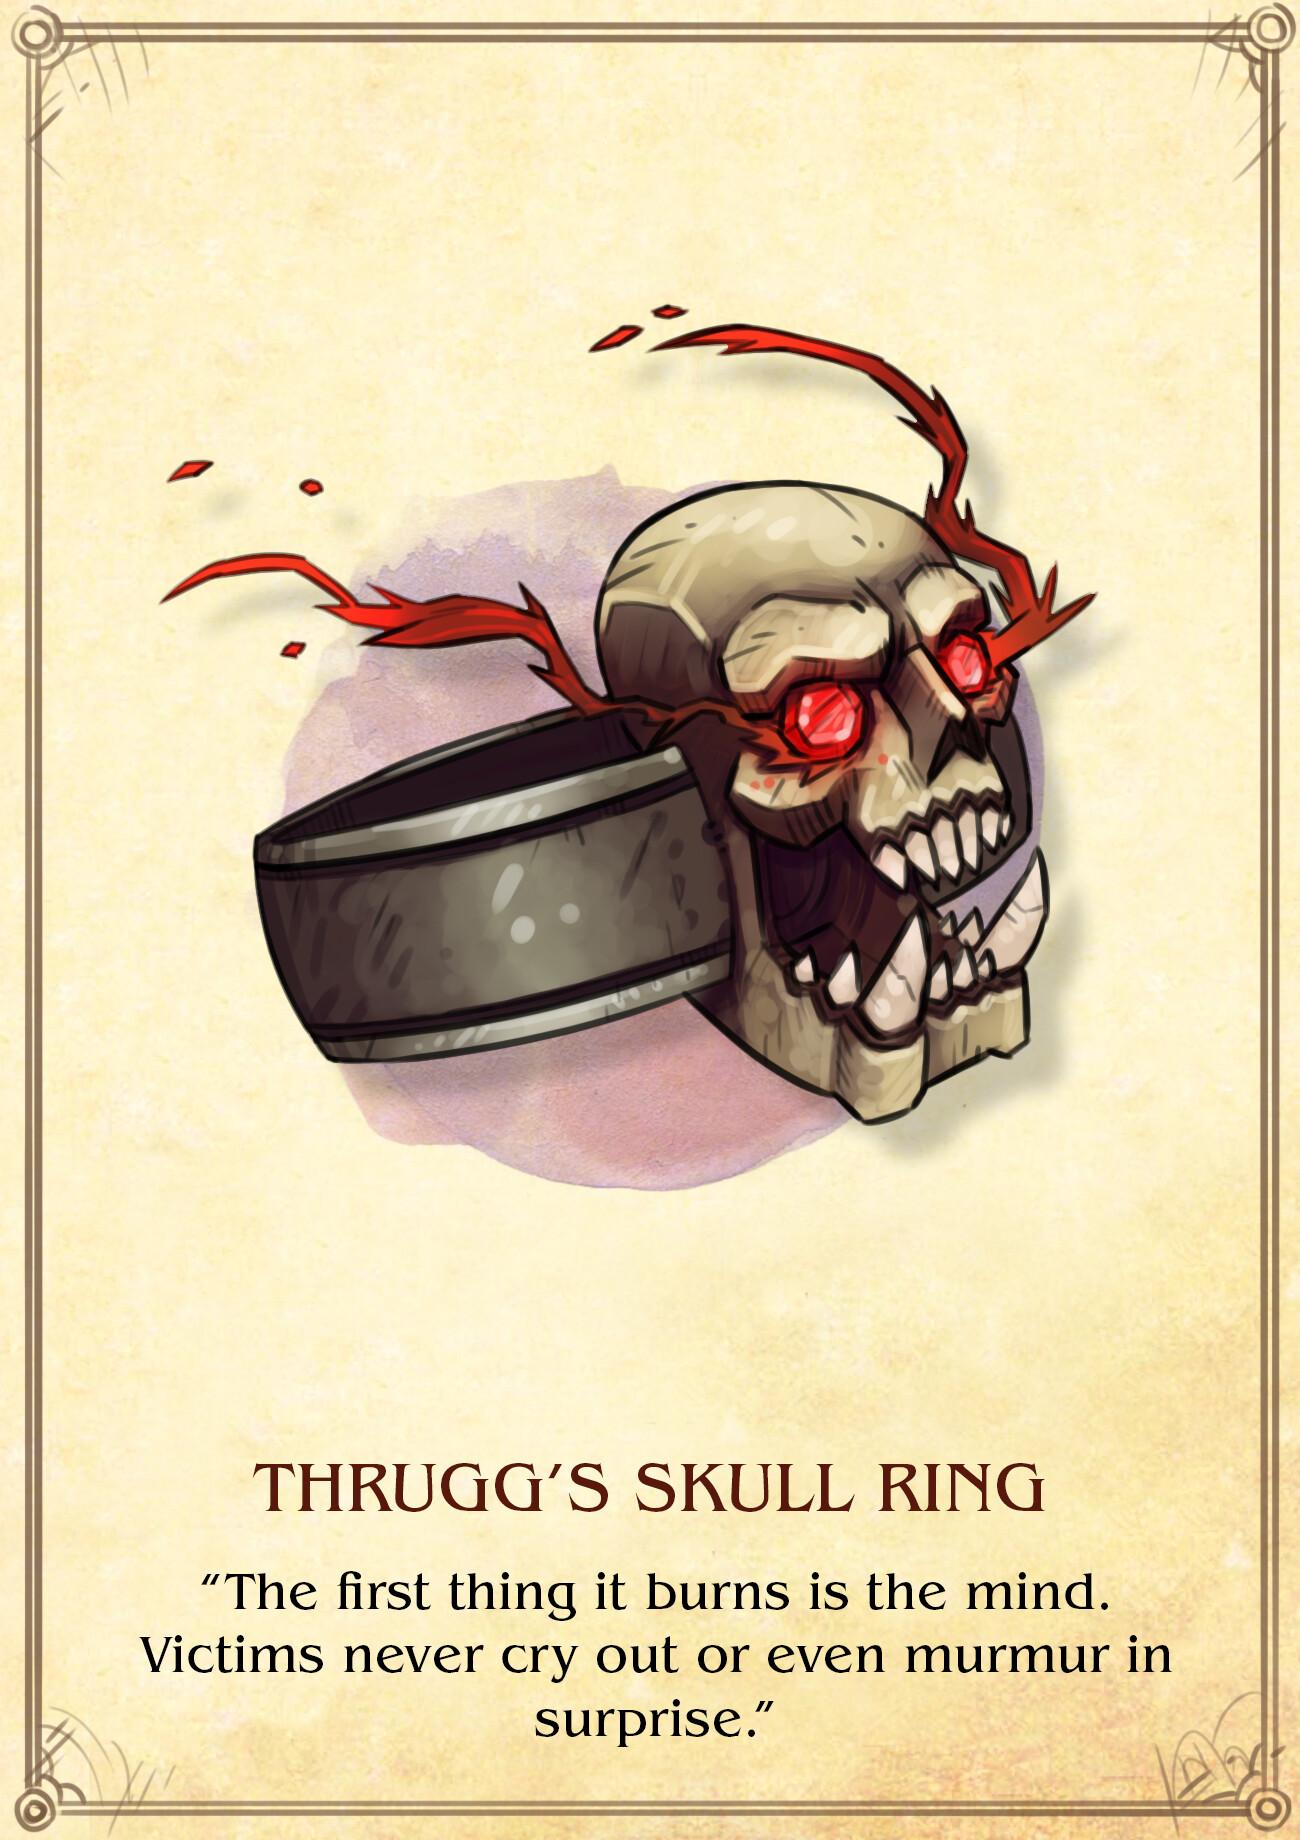 John muller skullring 04